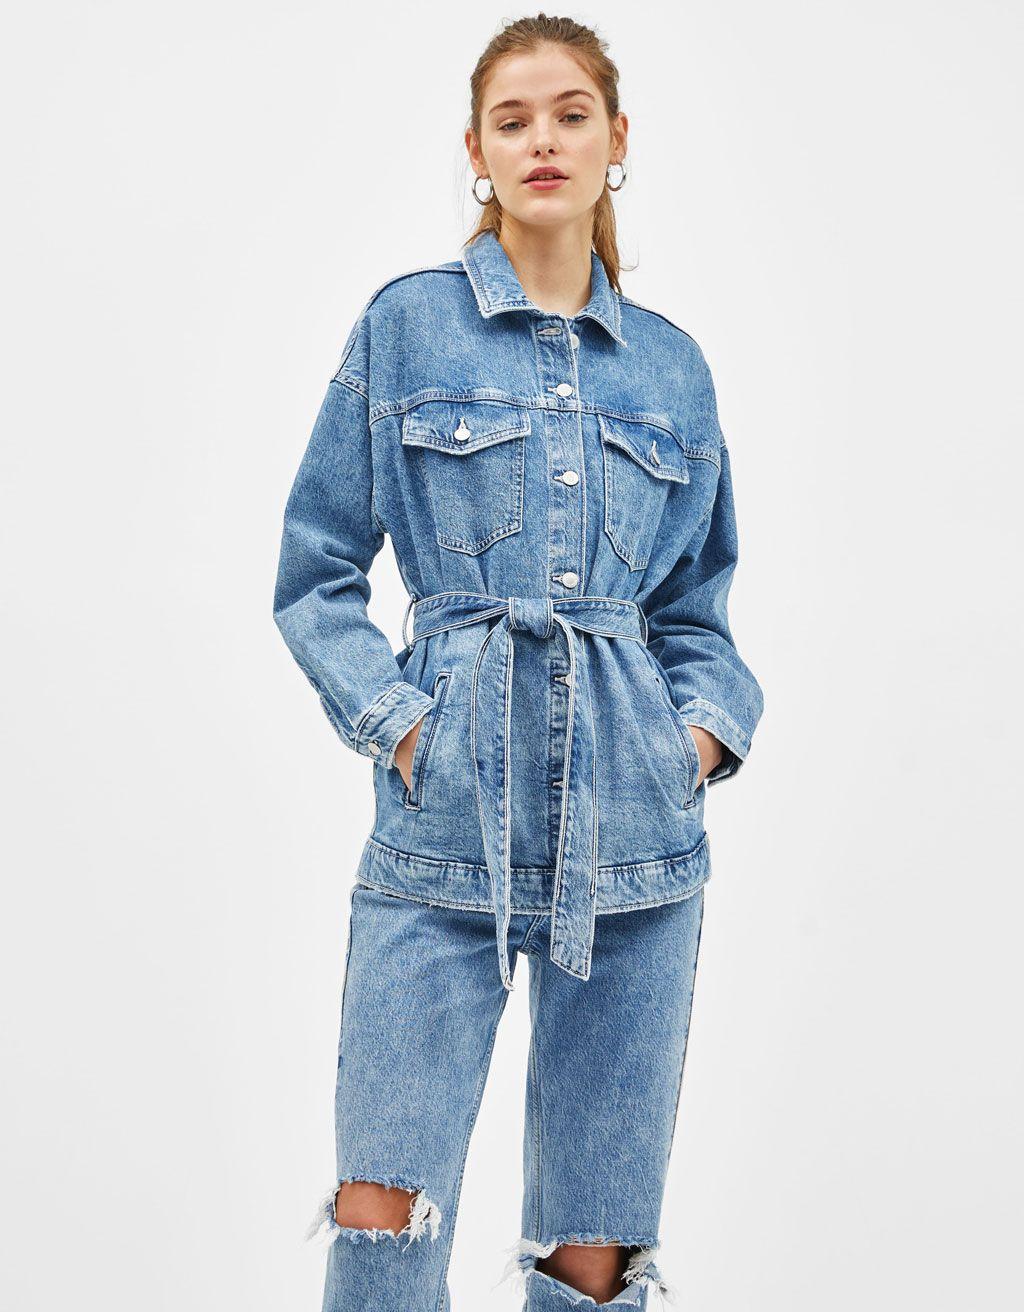 c6724fe78e42c Kurtka jeansowa z paskiem w 2019 | 50 kurtek jeansowych ...